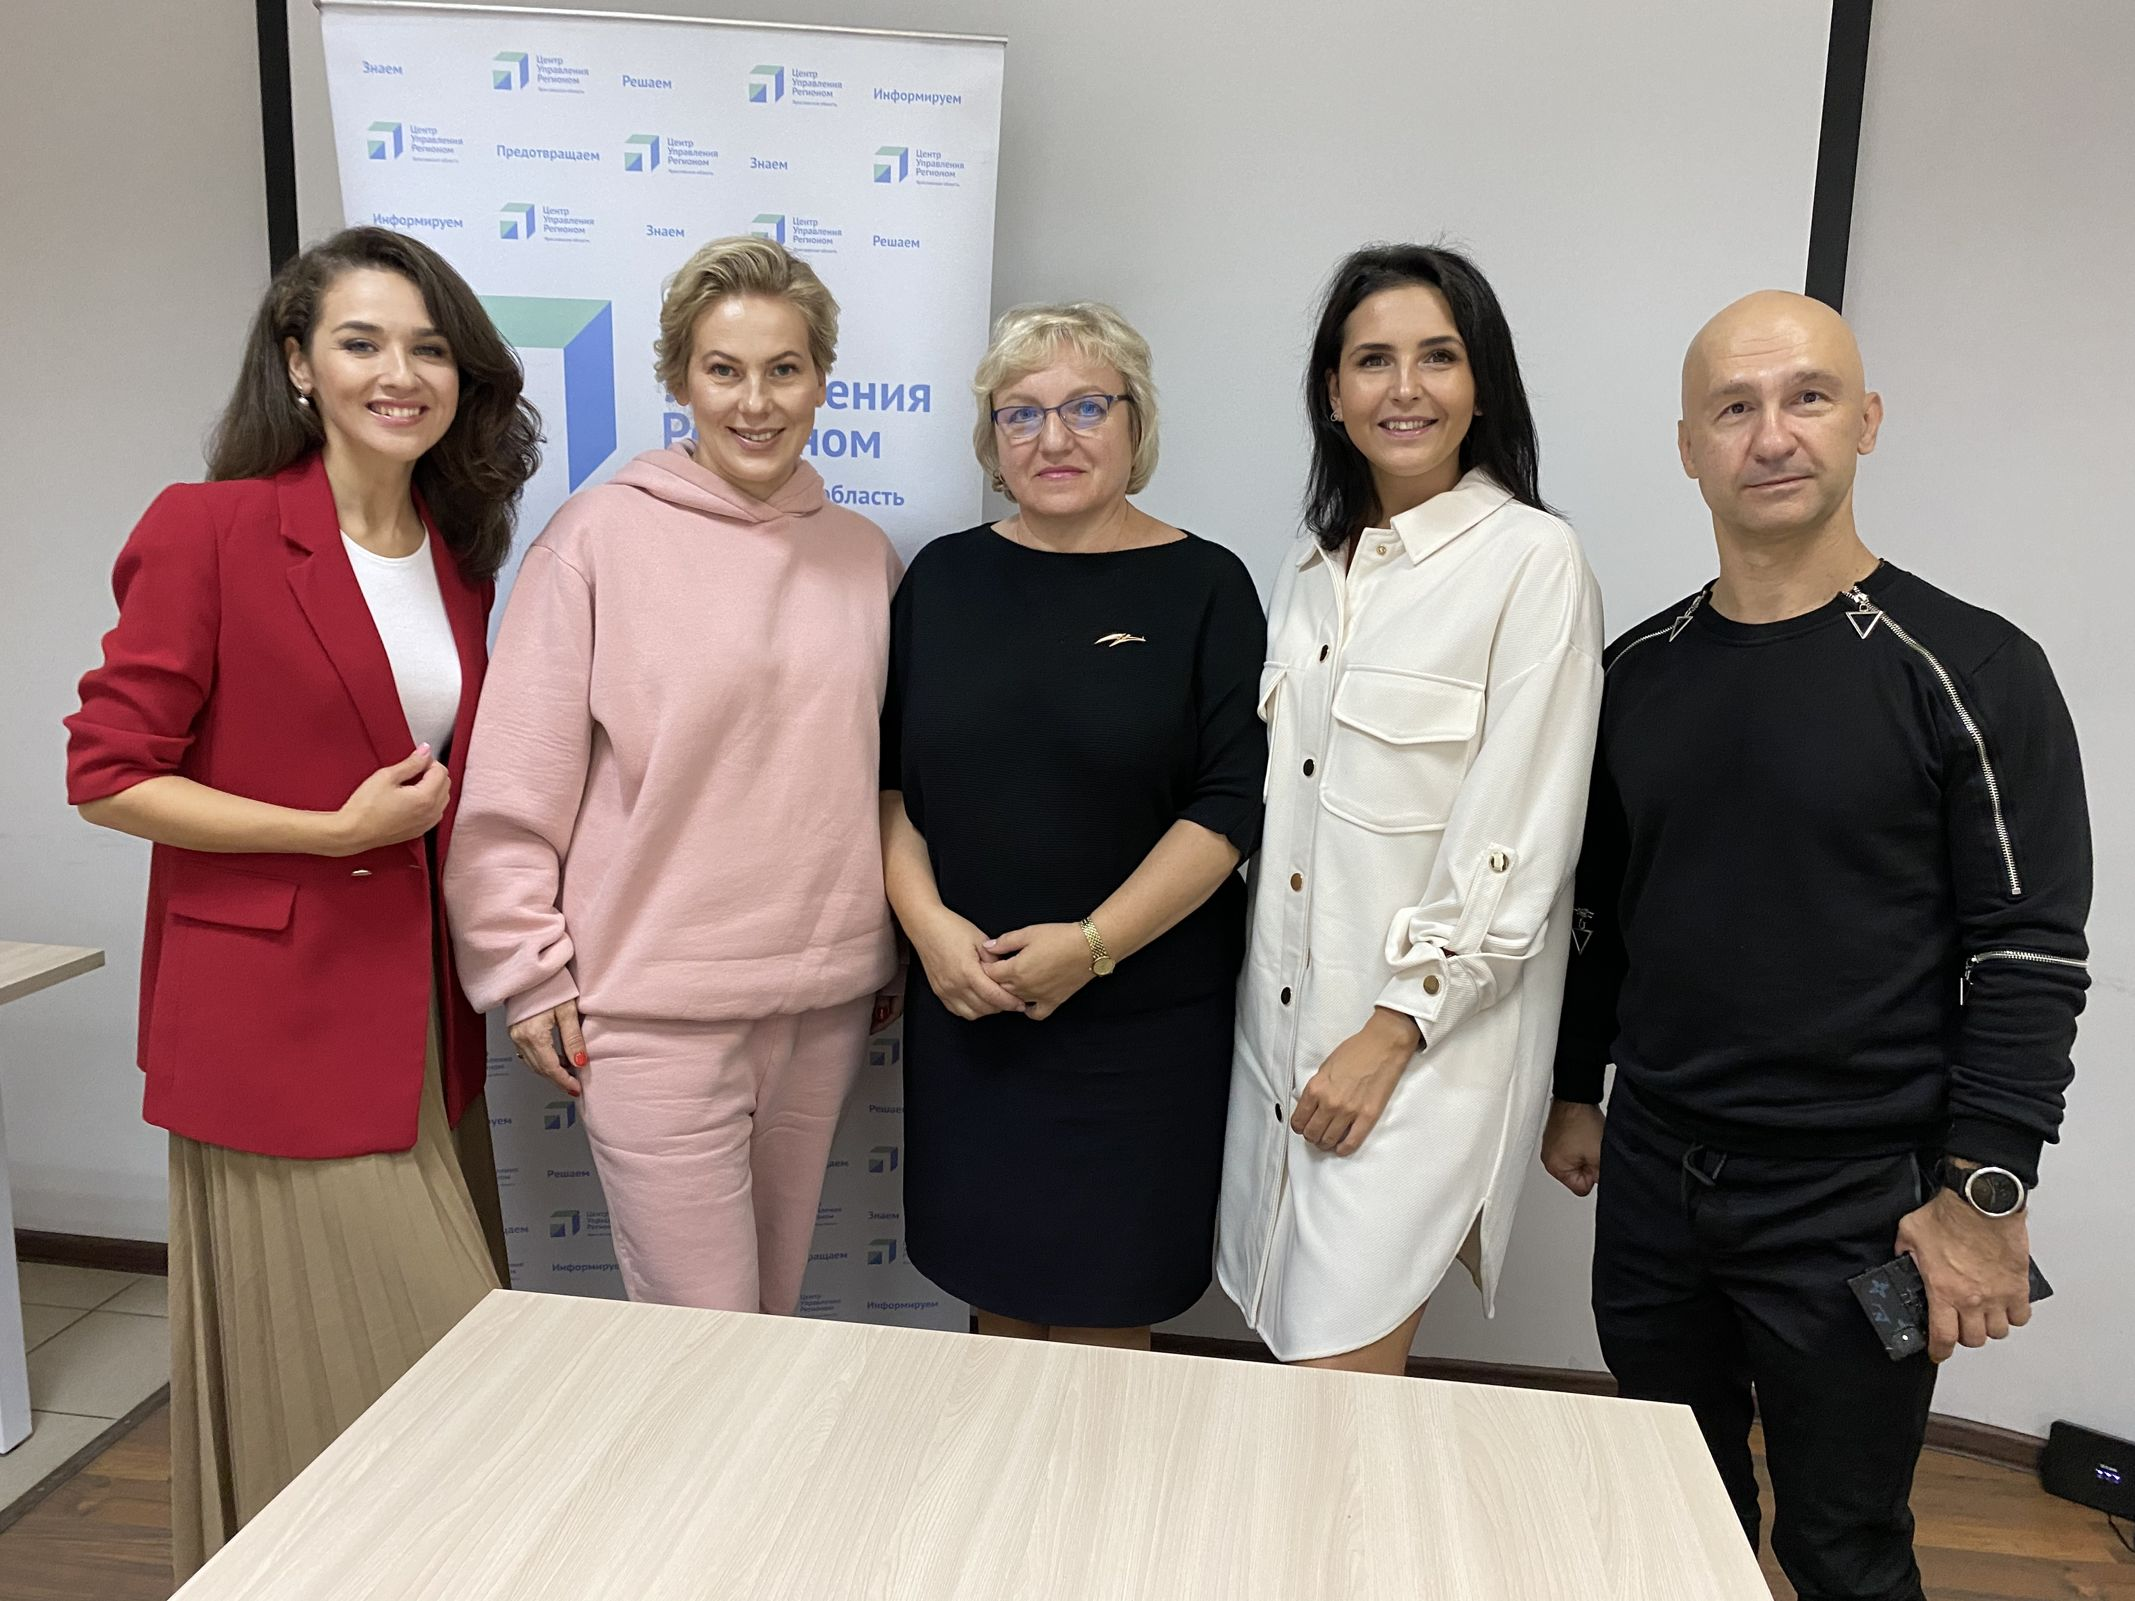 Состоятся ли линейки в День знаний, и сколько учителей вакцинировалось: как будут учиться ярославцы в новом учебном году